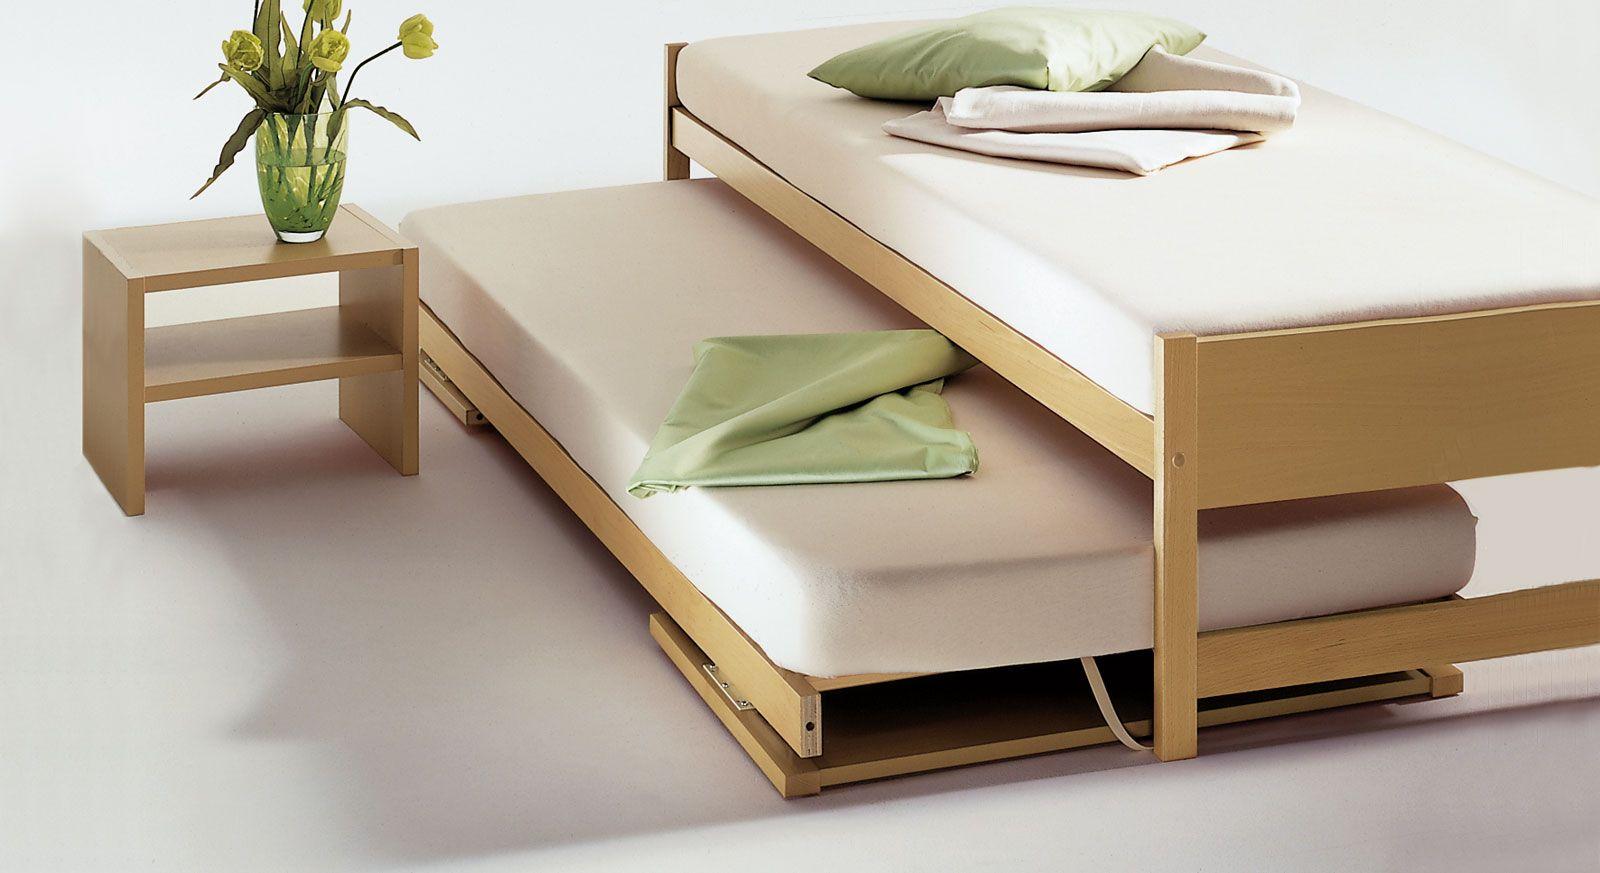 Full Size of Ausziehbett On Top Ausziehbares Bett Wohnzimmer Ausziehbares Doppelbett